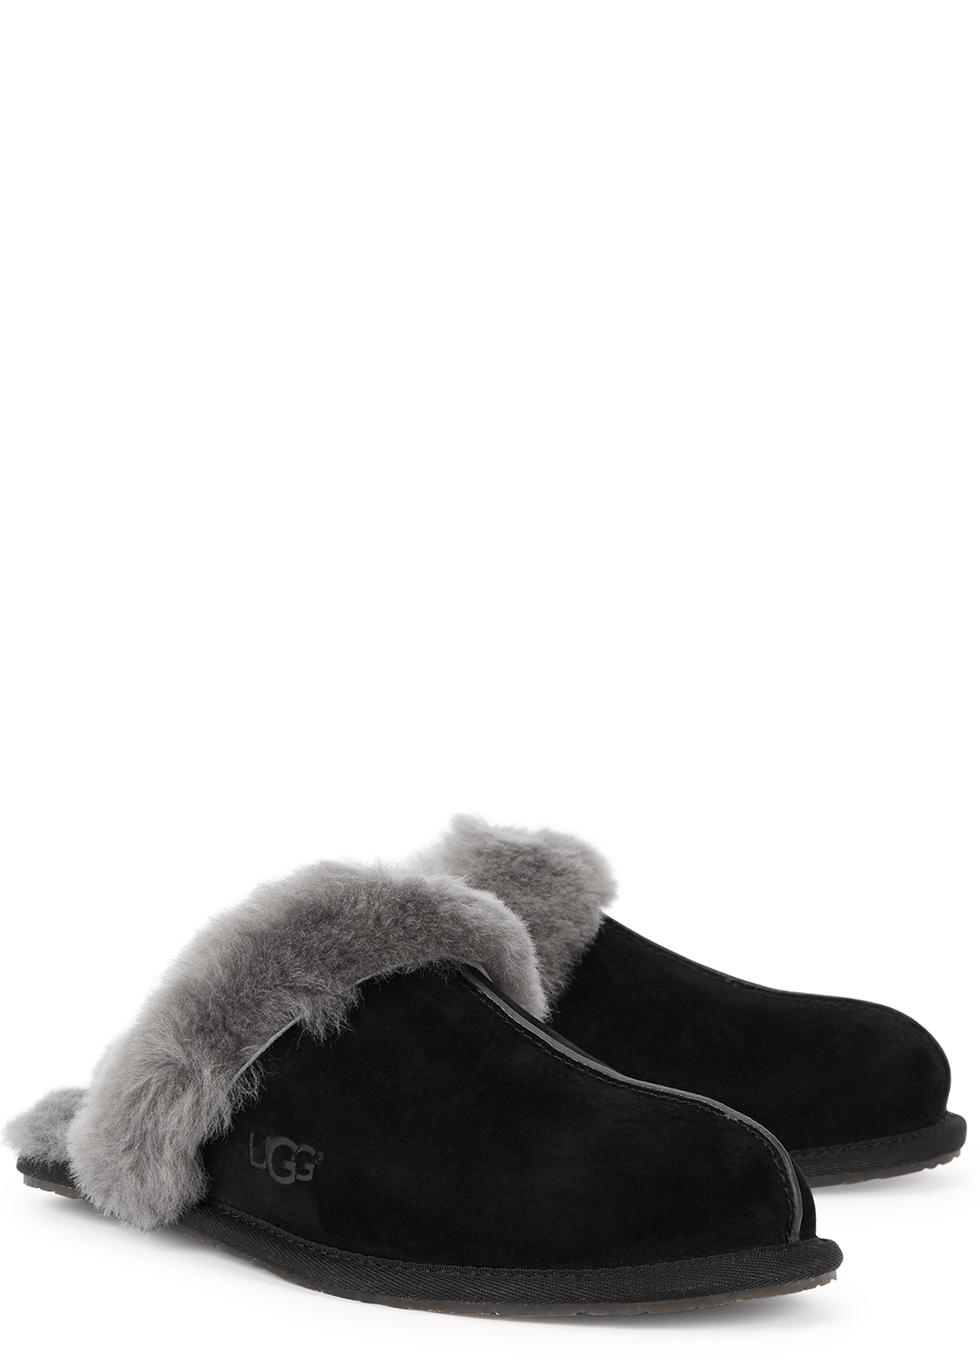 UGG Scuffette II black suede slippers